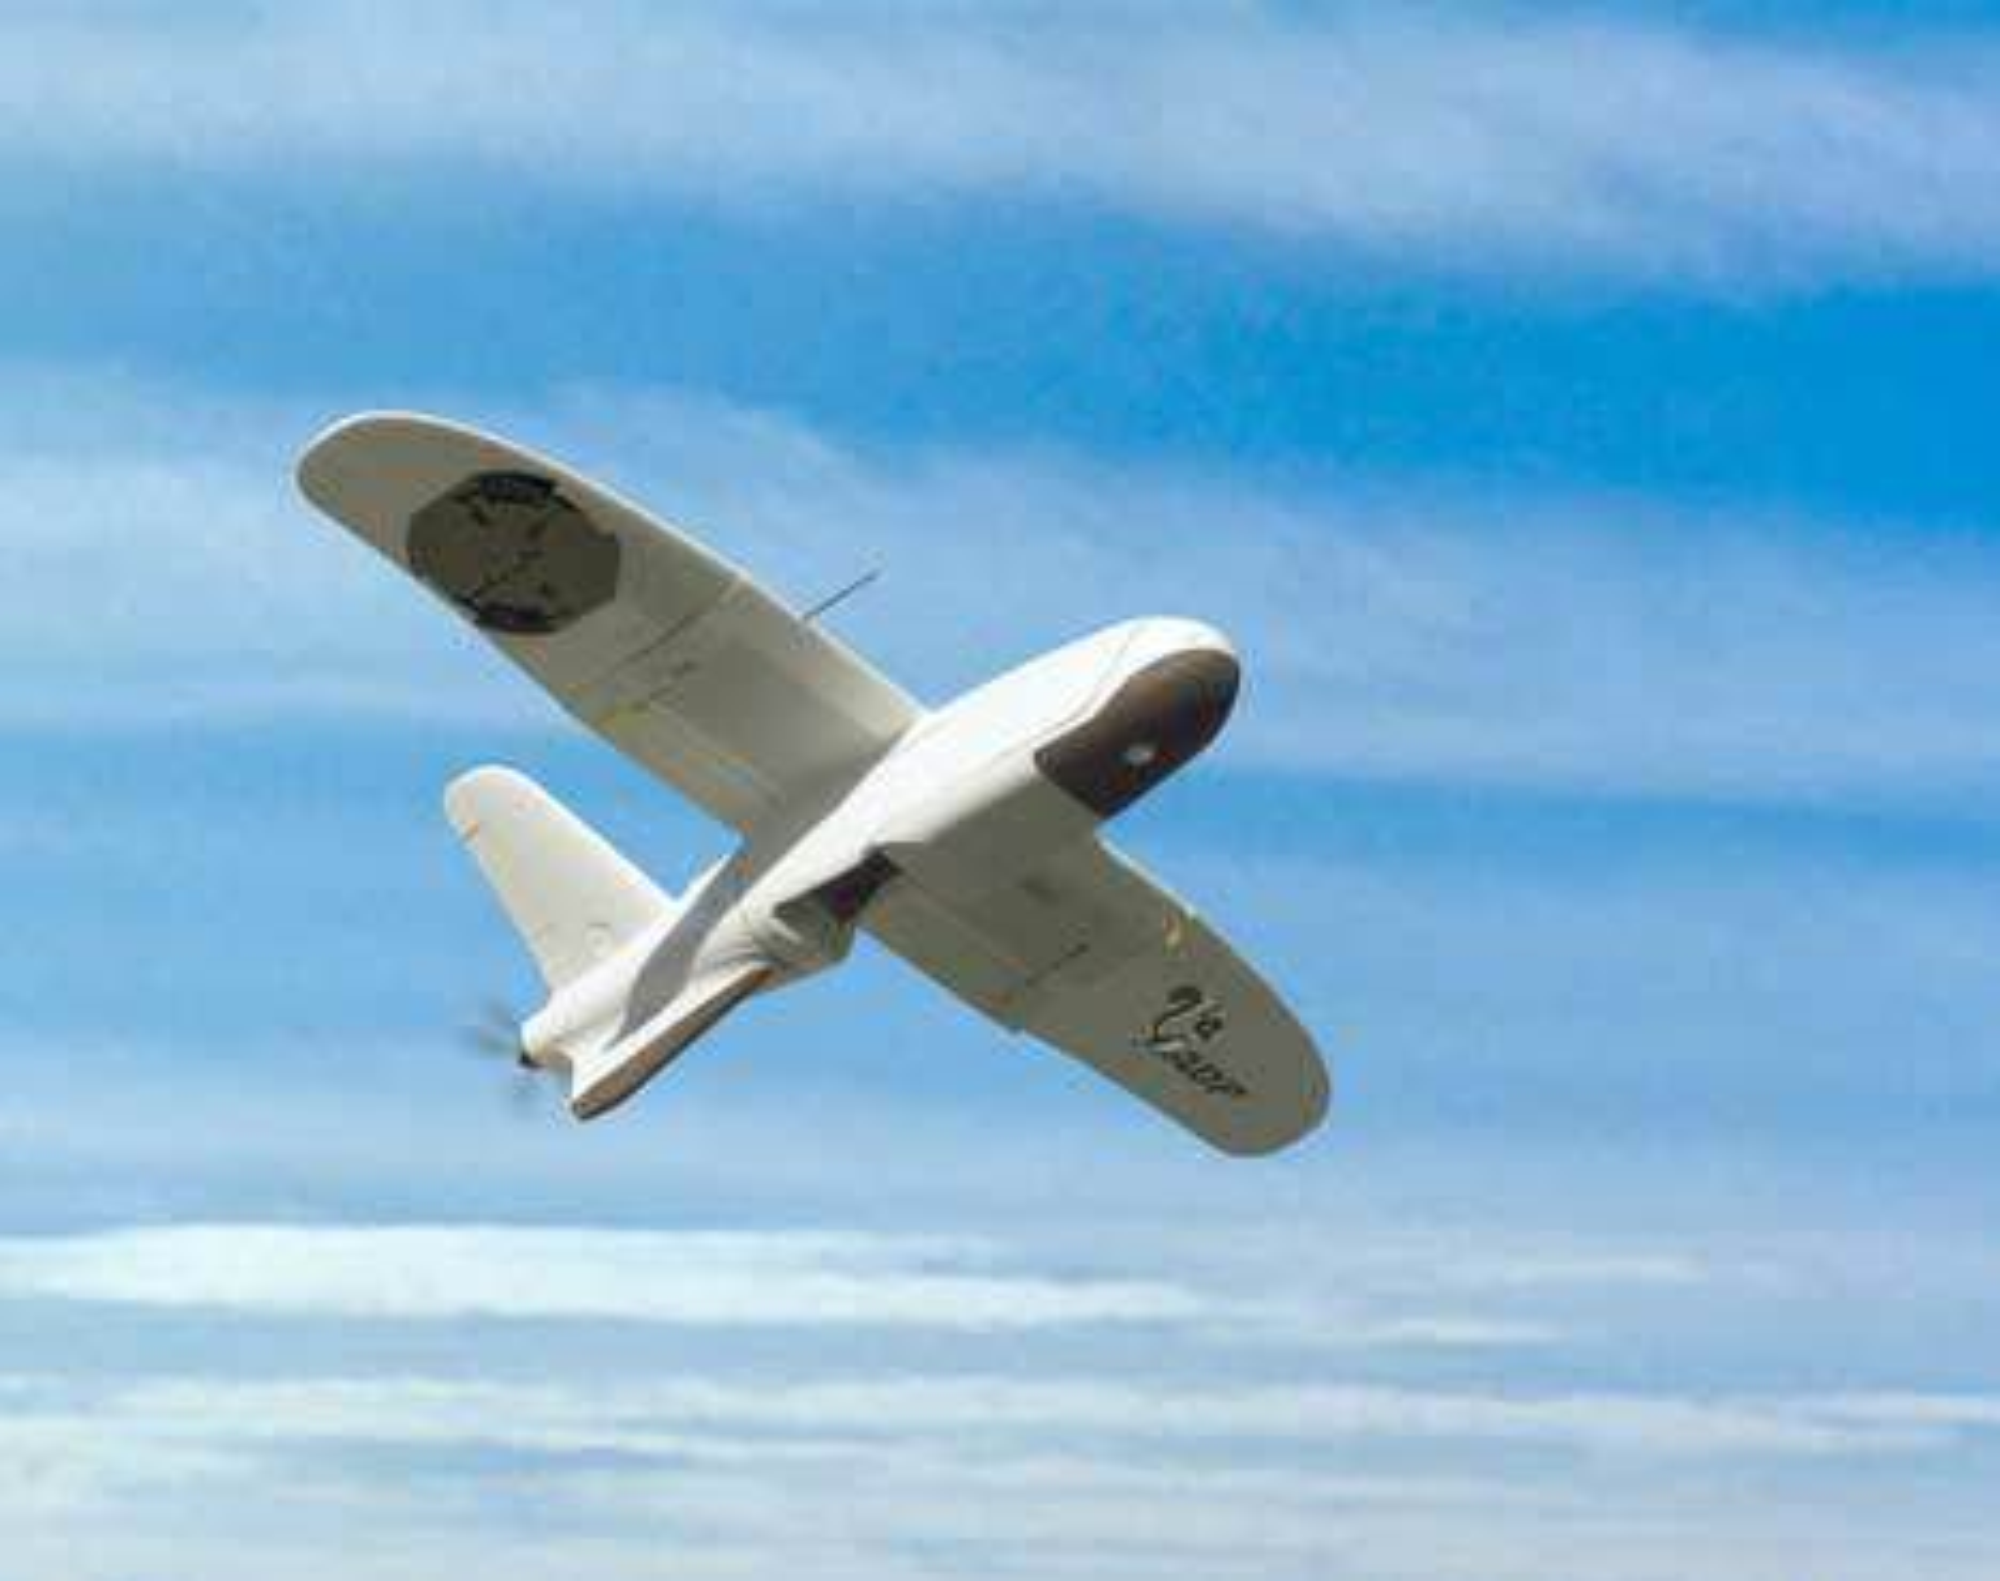 FØRERLØST: Nå kan førerløse fly dirigeres via radiomeldinger i klar tale. FOTO: NASA